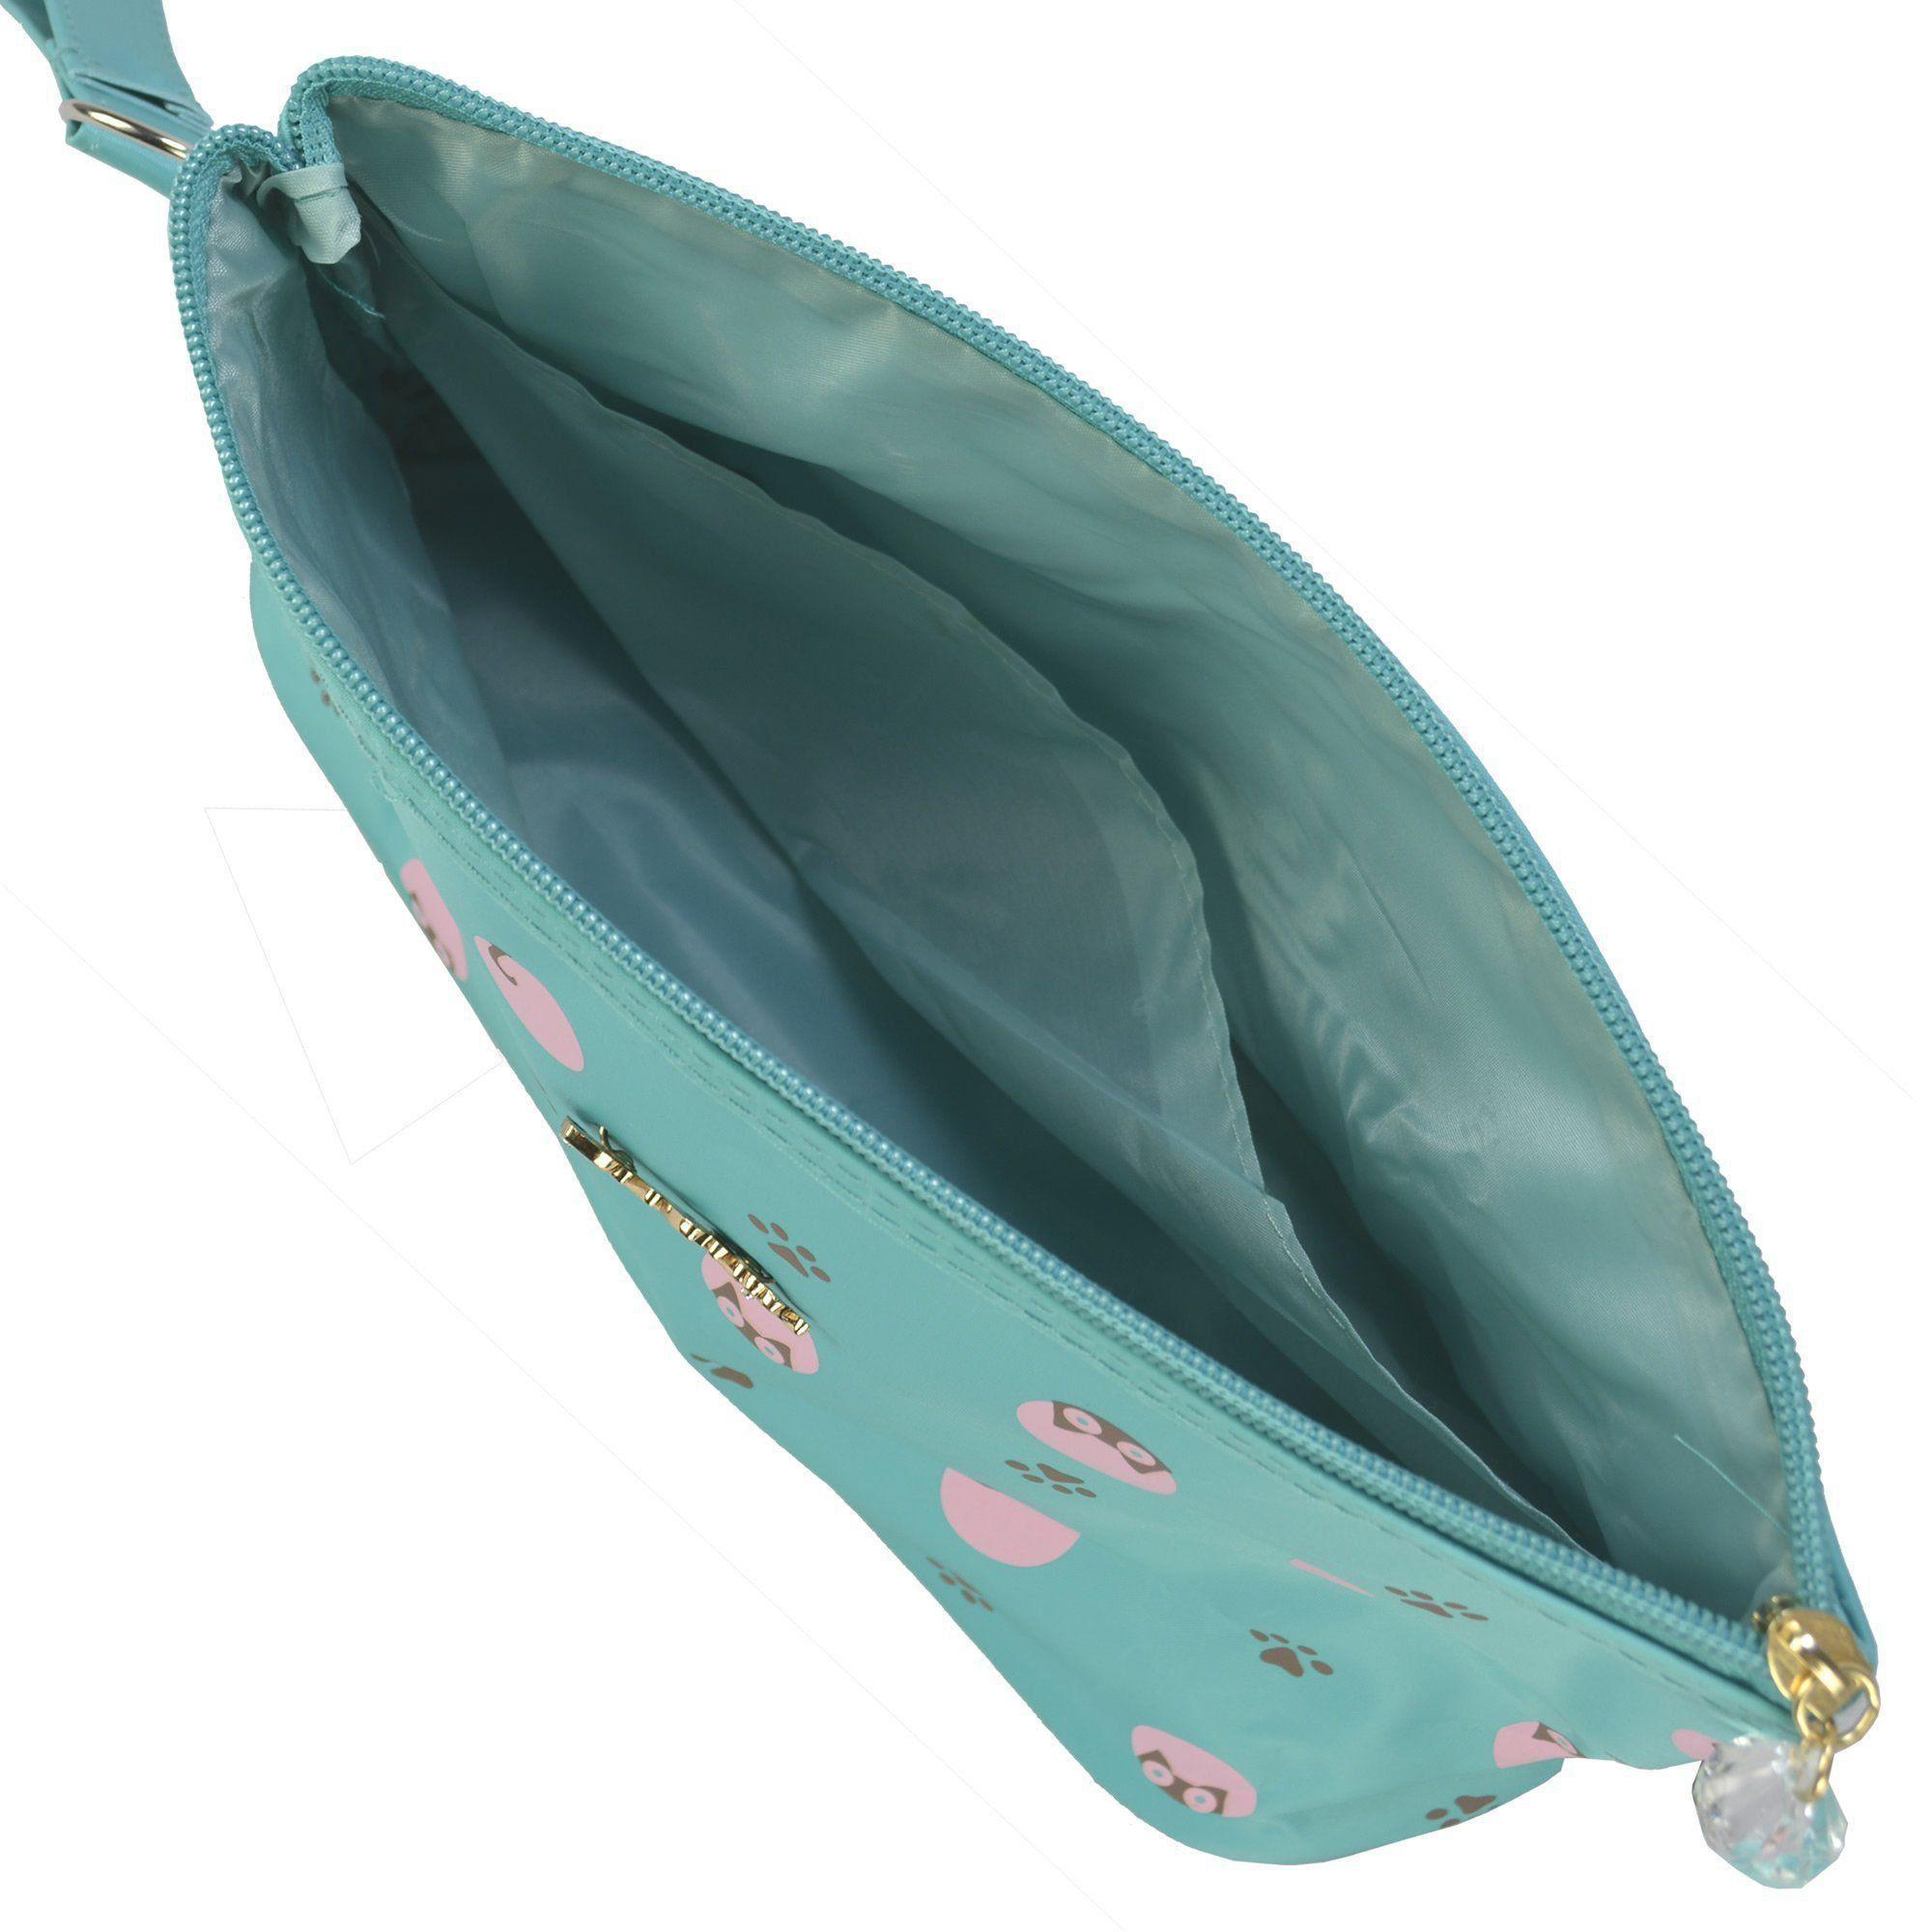 Necessaire Feminina Organizadora Verde Tiffany CBRN05765